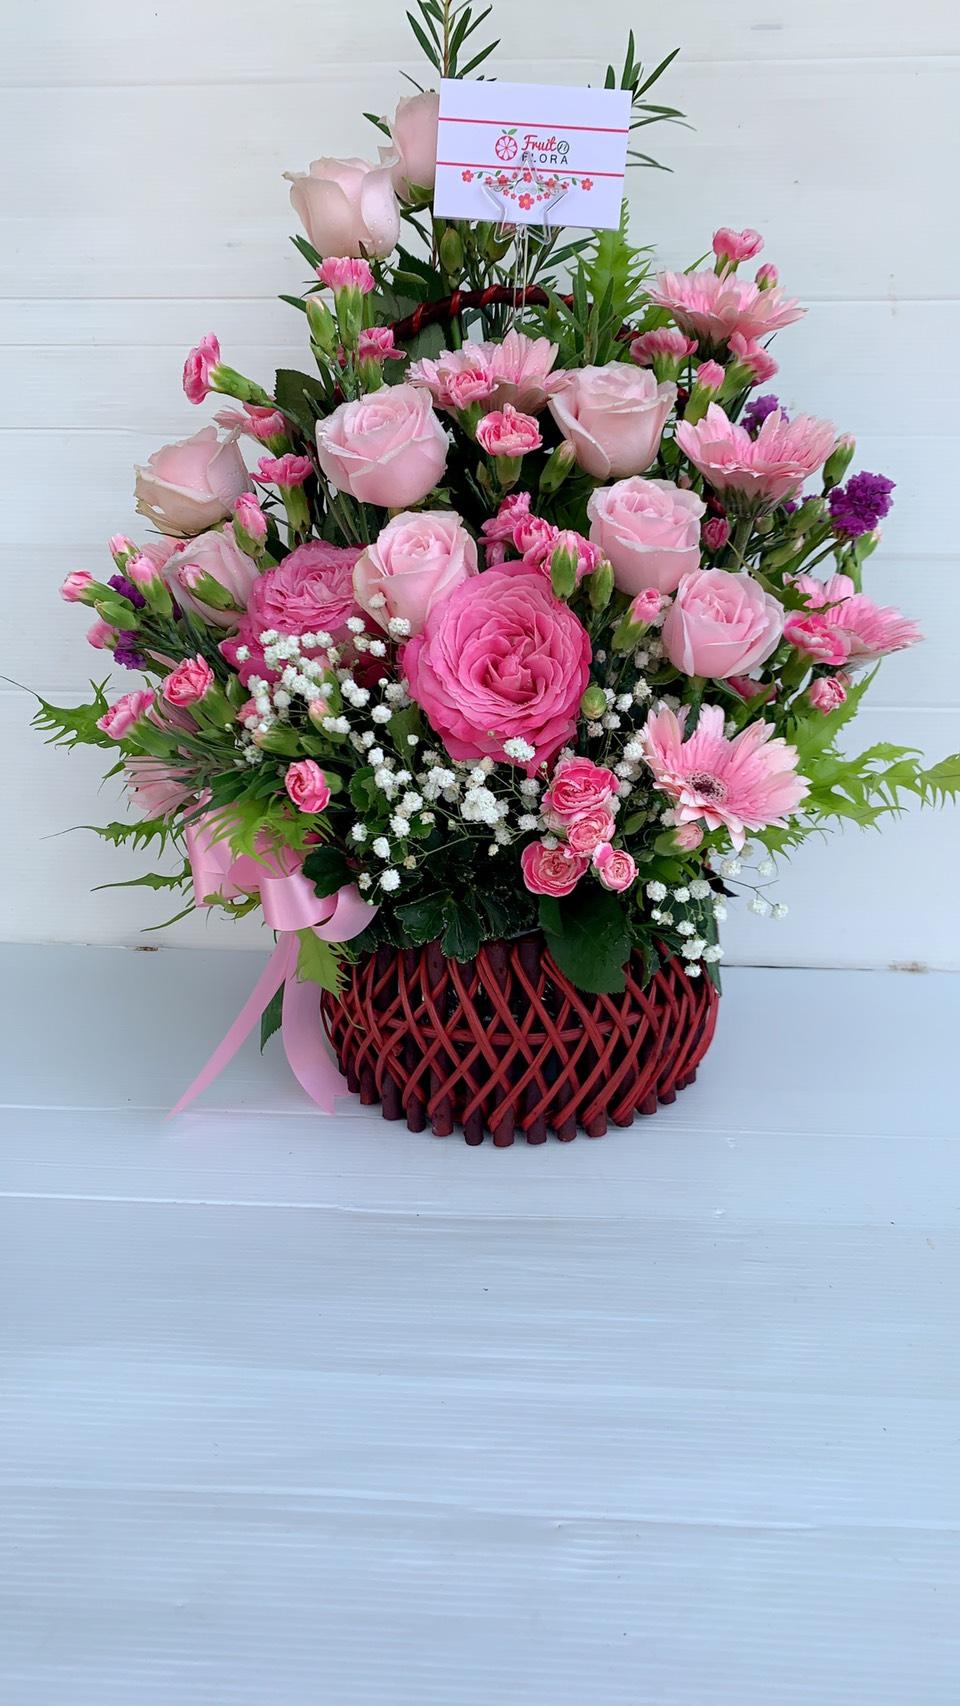 กระเช้าดอกไม้ทรงเสน่ห์ อ่อนหวานด้วยดอกไม้หลากหลายชนิดเลยนะคะ